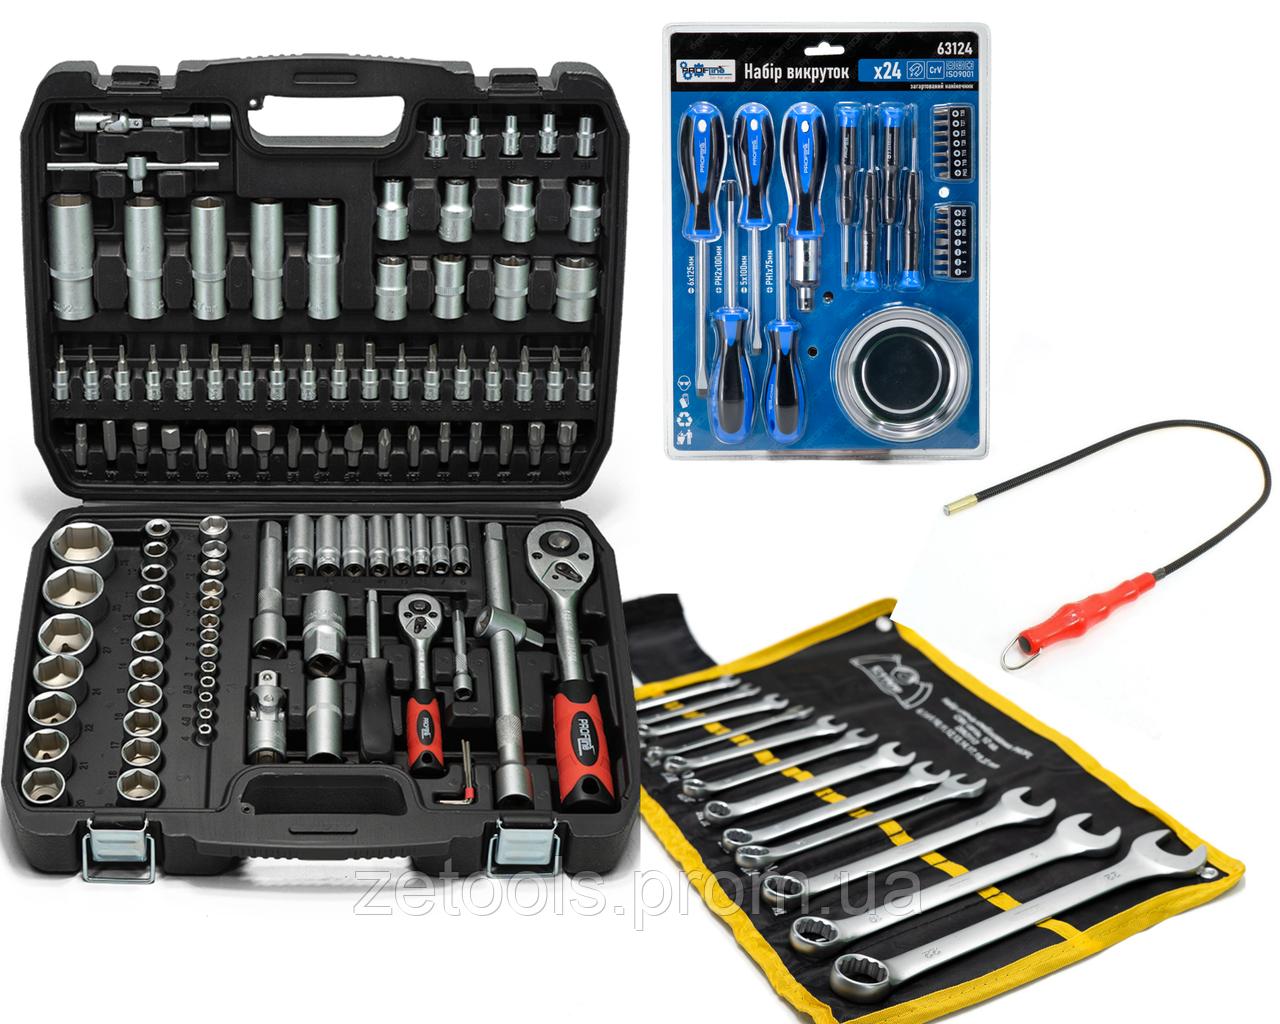 Набір інструменту на 108 од. 61085+ набір ключів на полотні 12 од+ викрутки 24 од. + магніт в подарунок